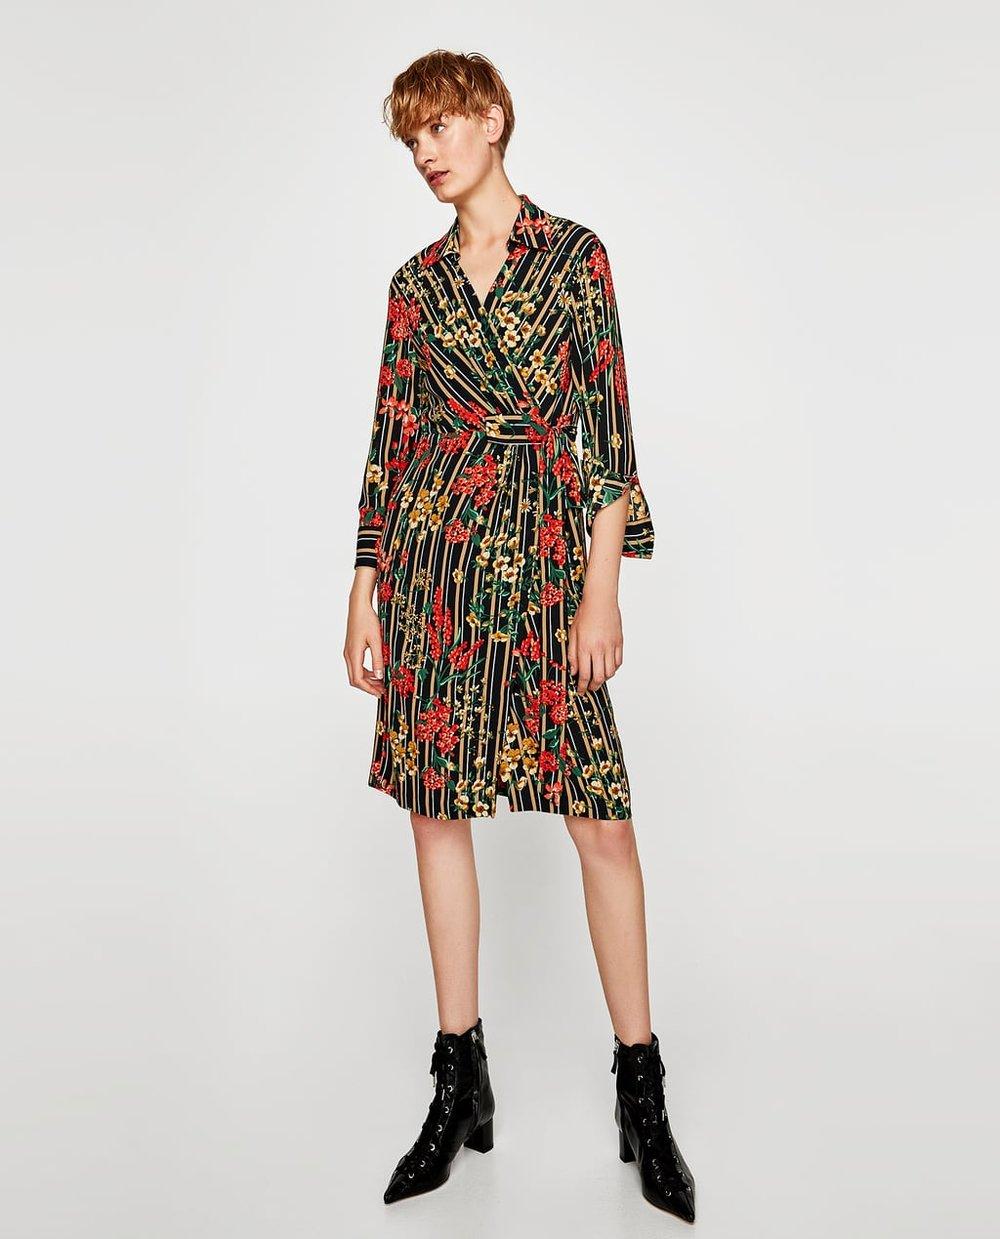 Zara, $20